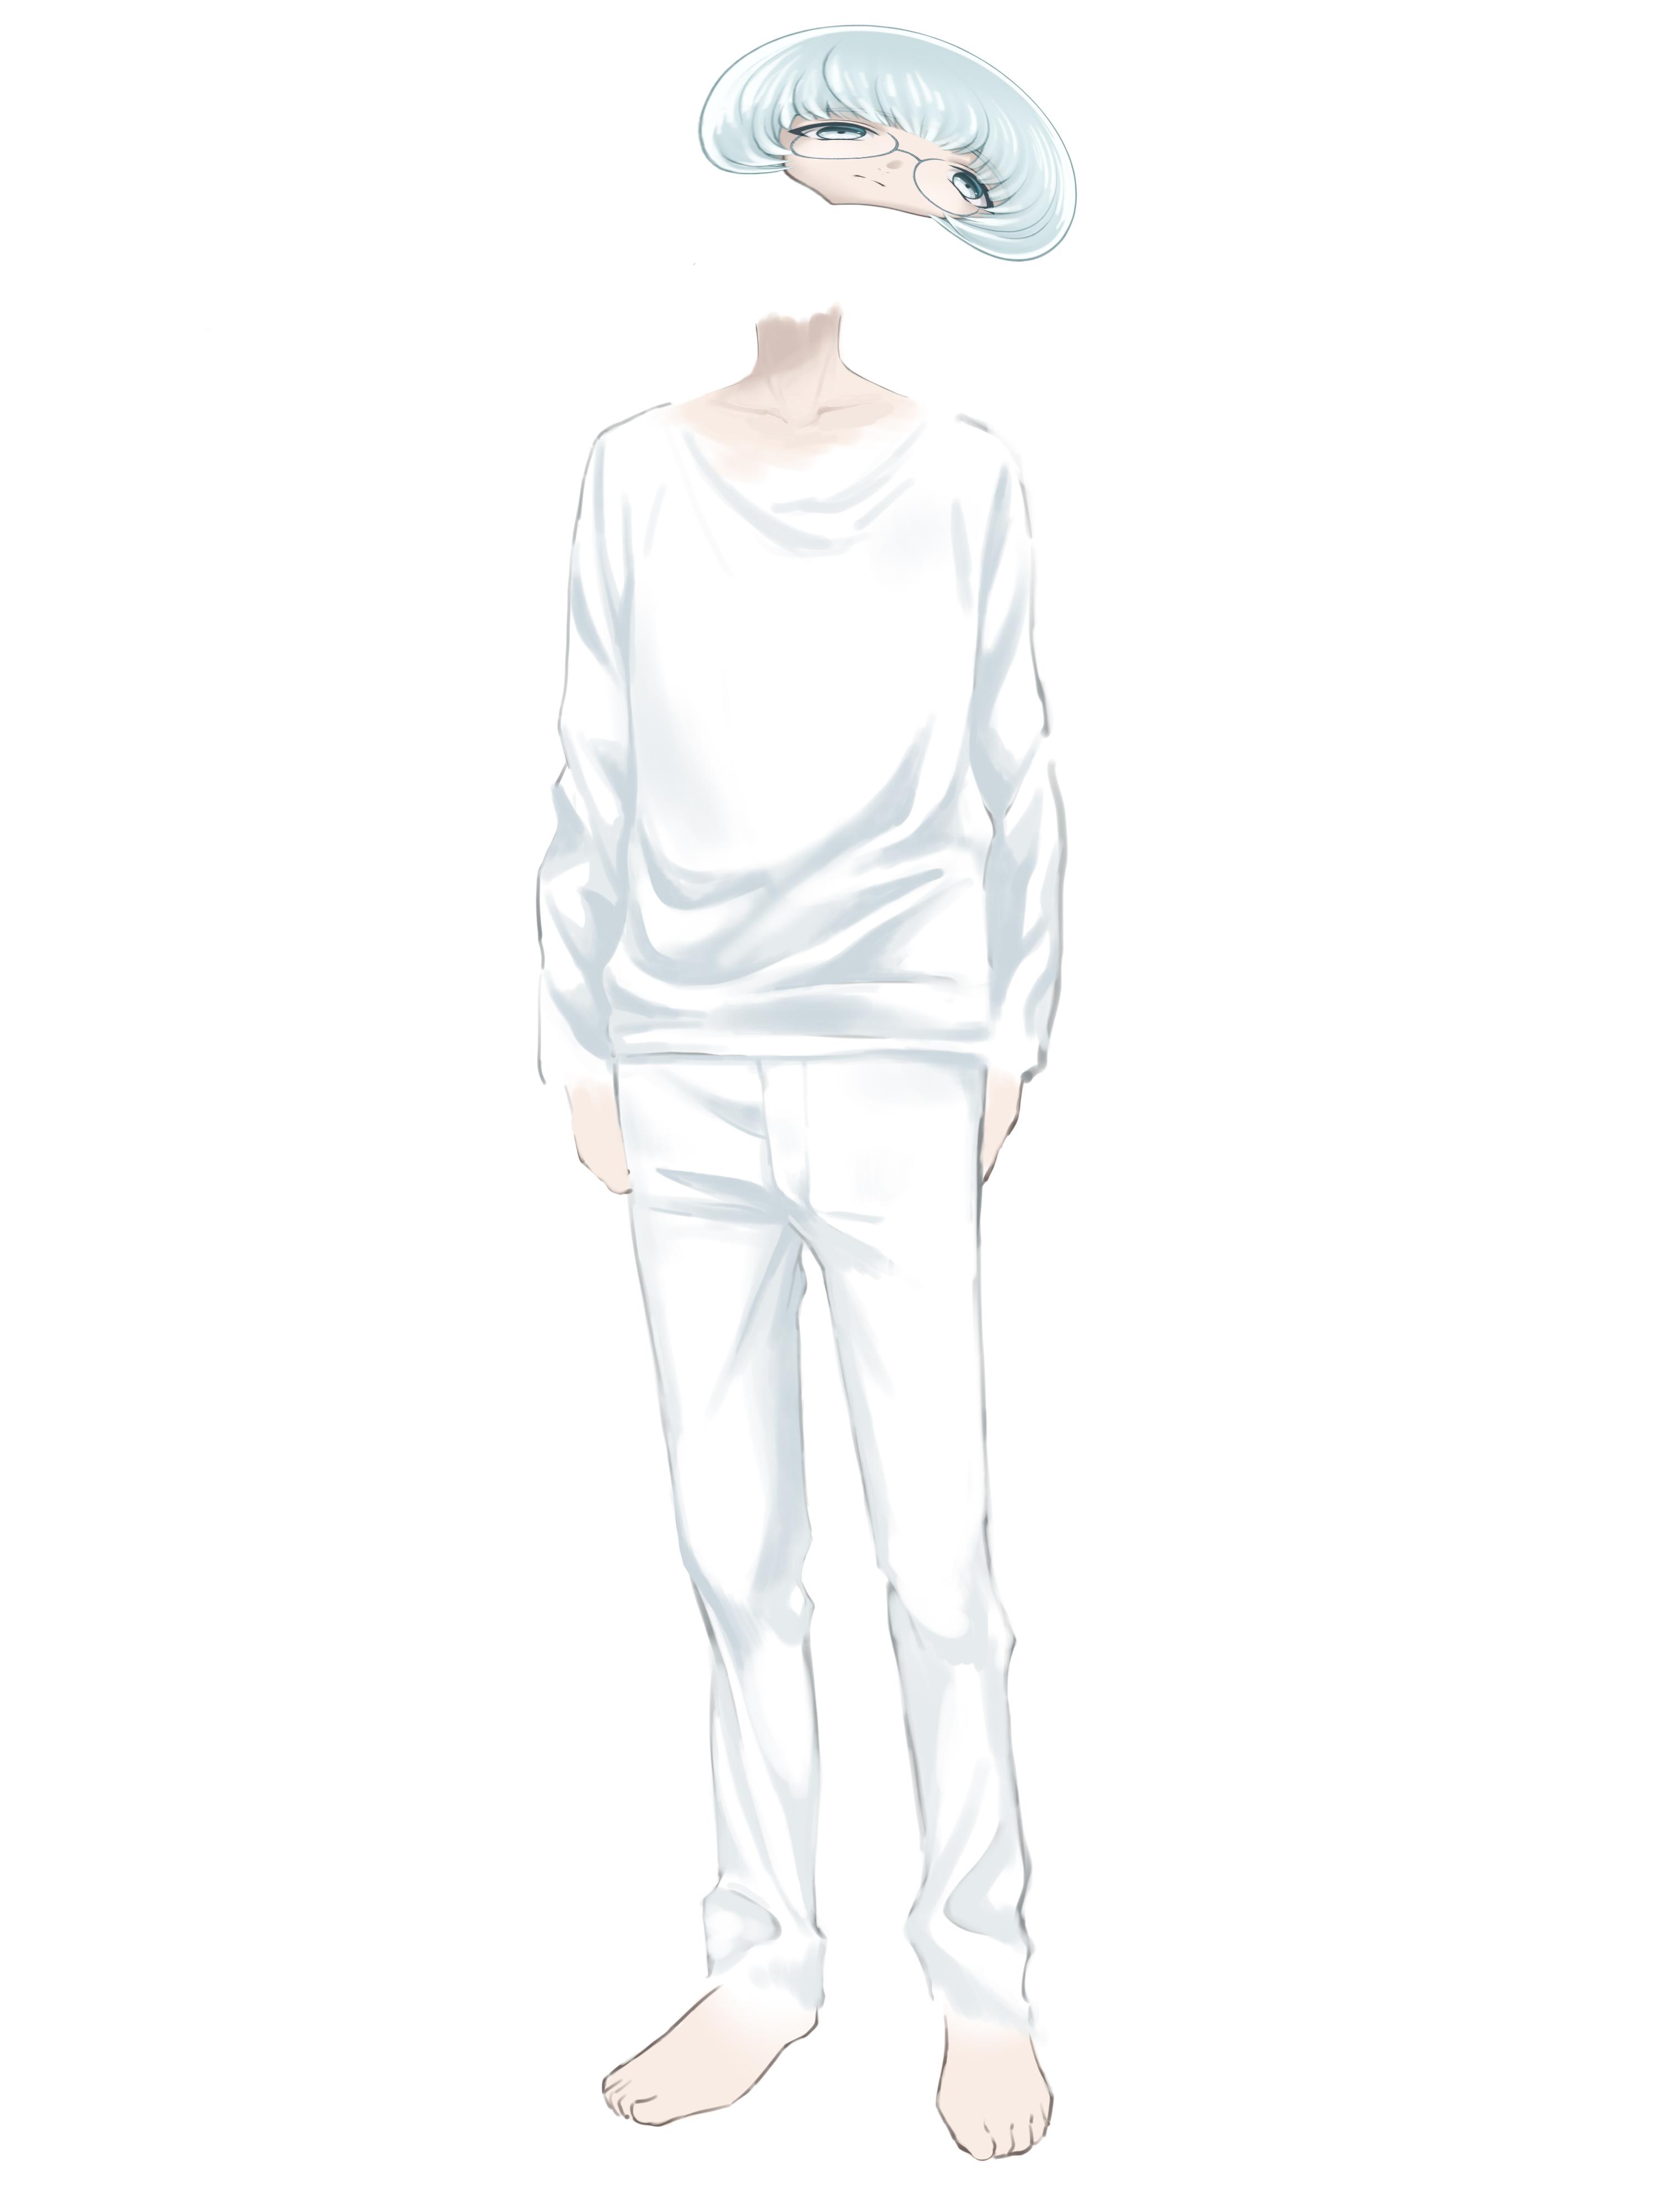 """二十歳の音大生・長谷川白紙、新曲『あなただけ』は初めて""""誰かに届いたらいいな""""と思えた曲"""